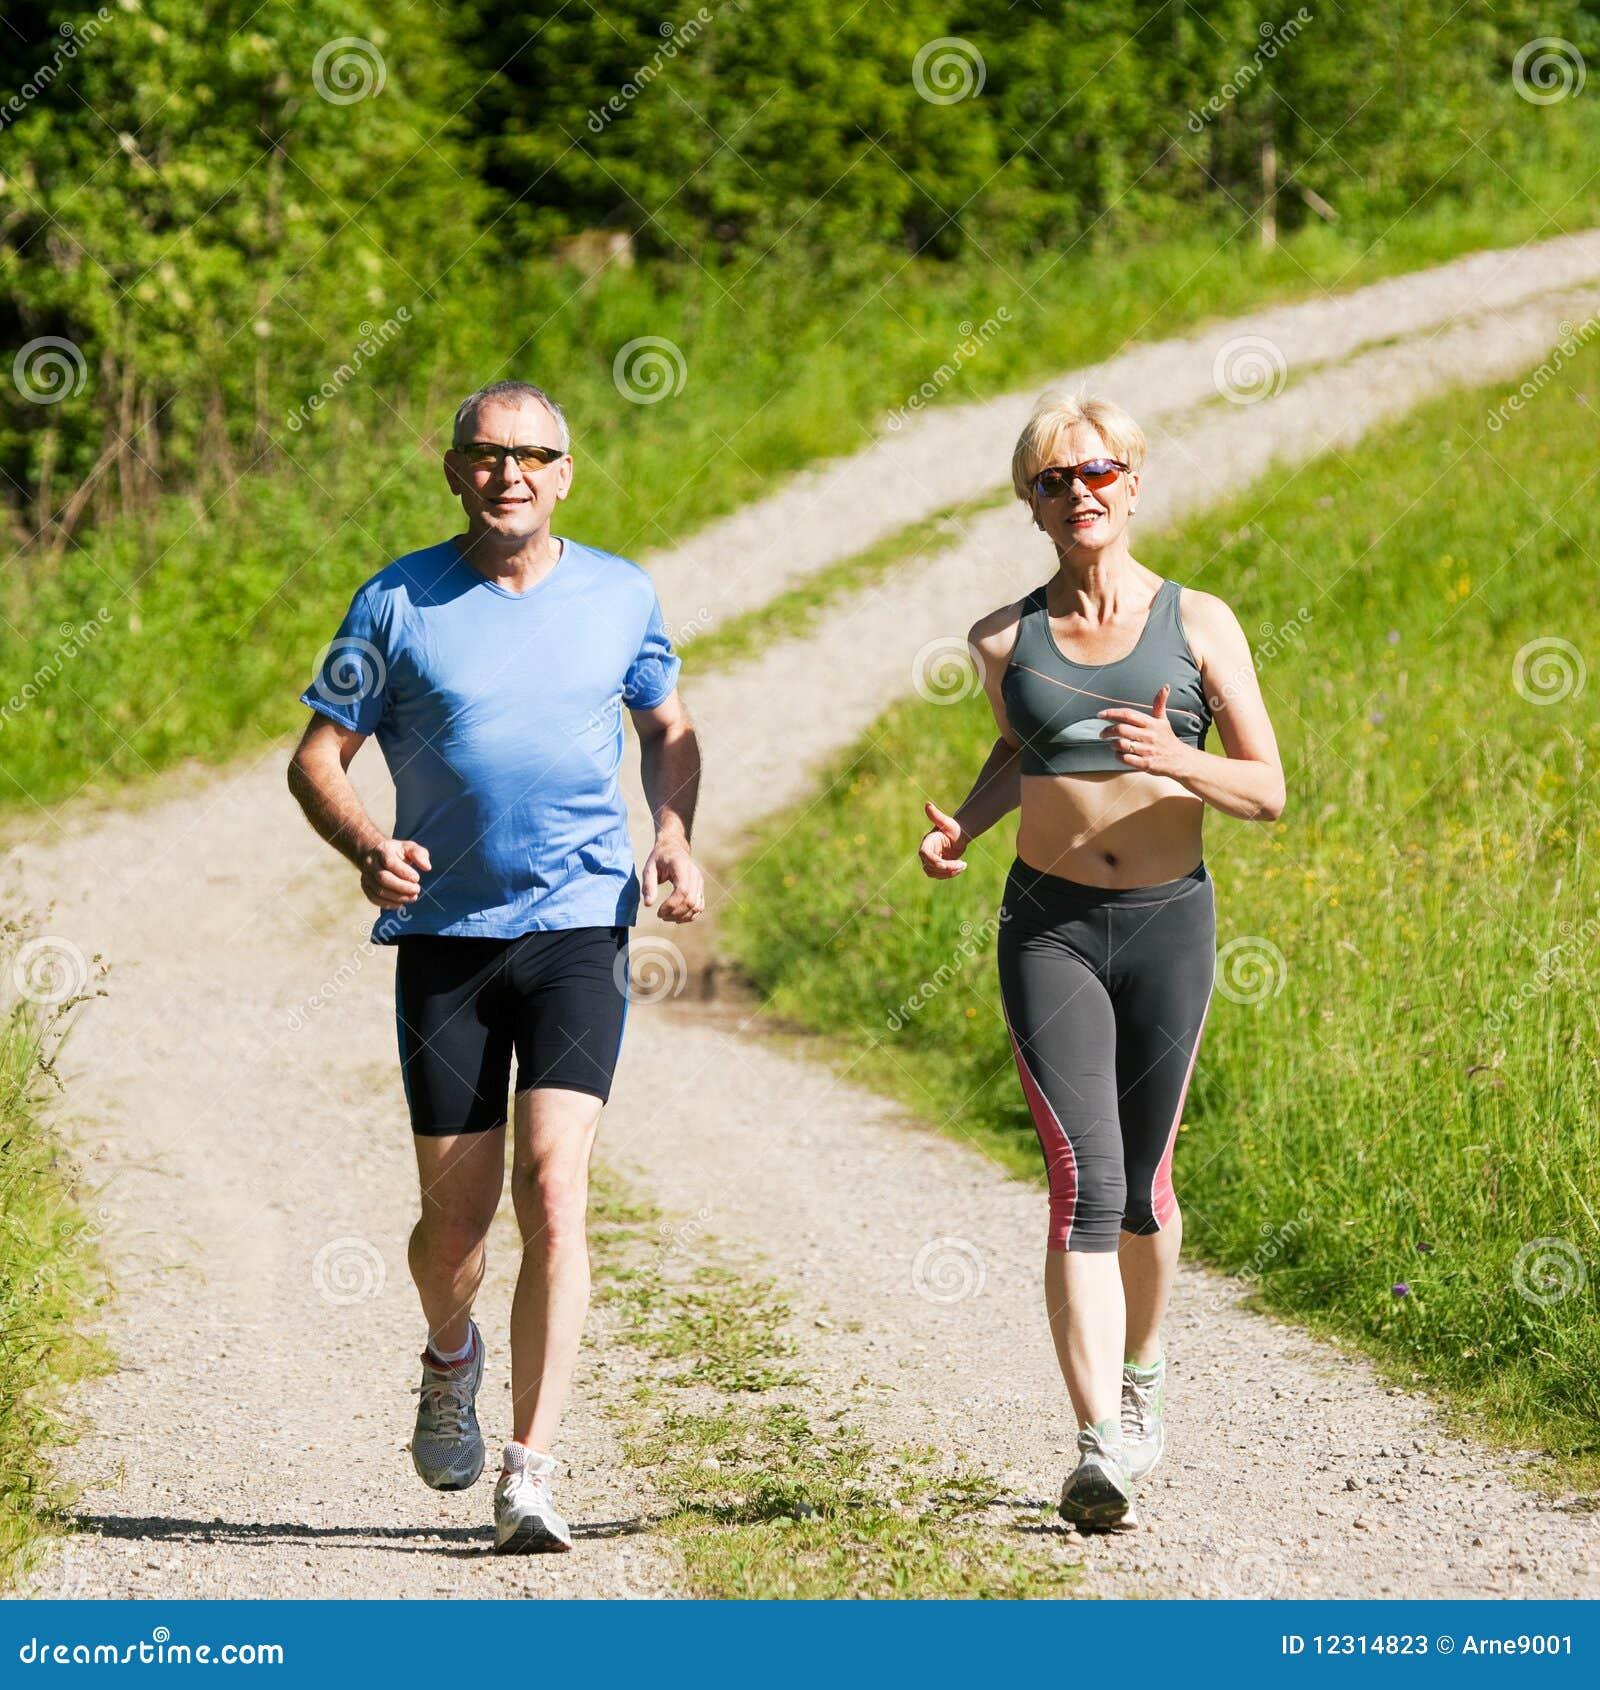 clipart anziani sport - photo #9